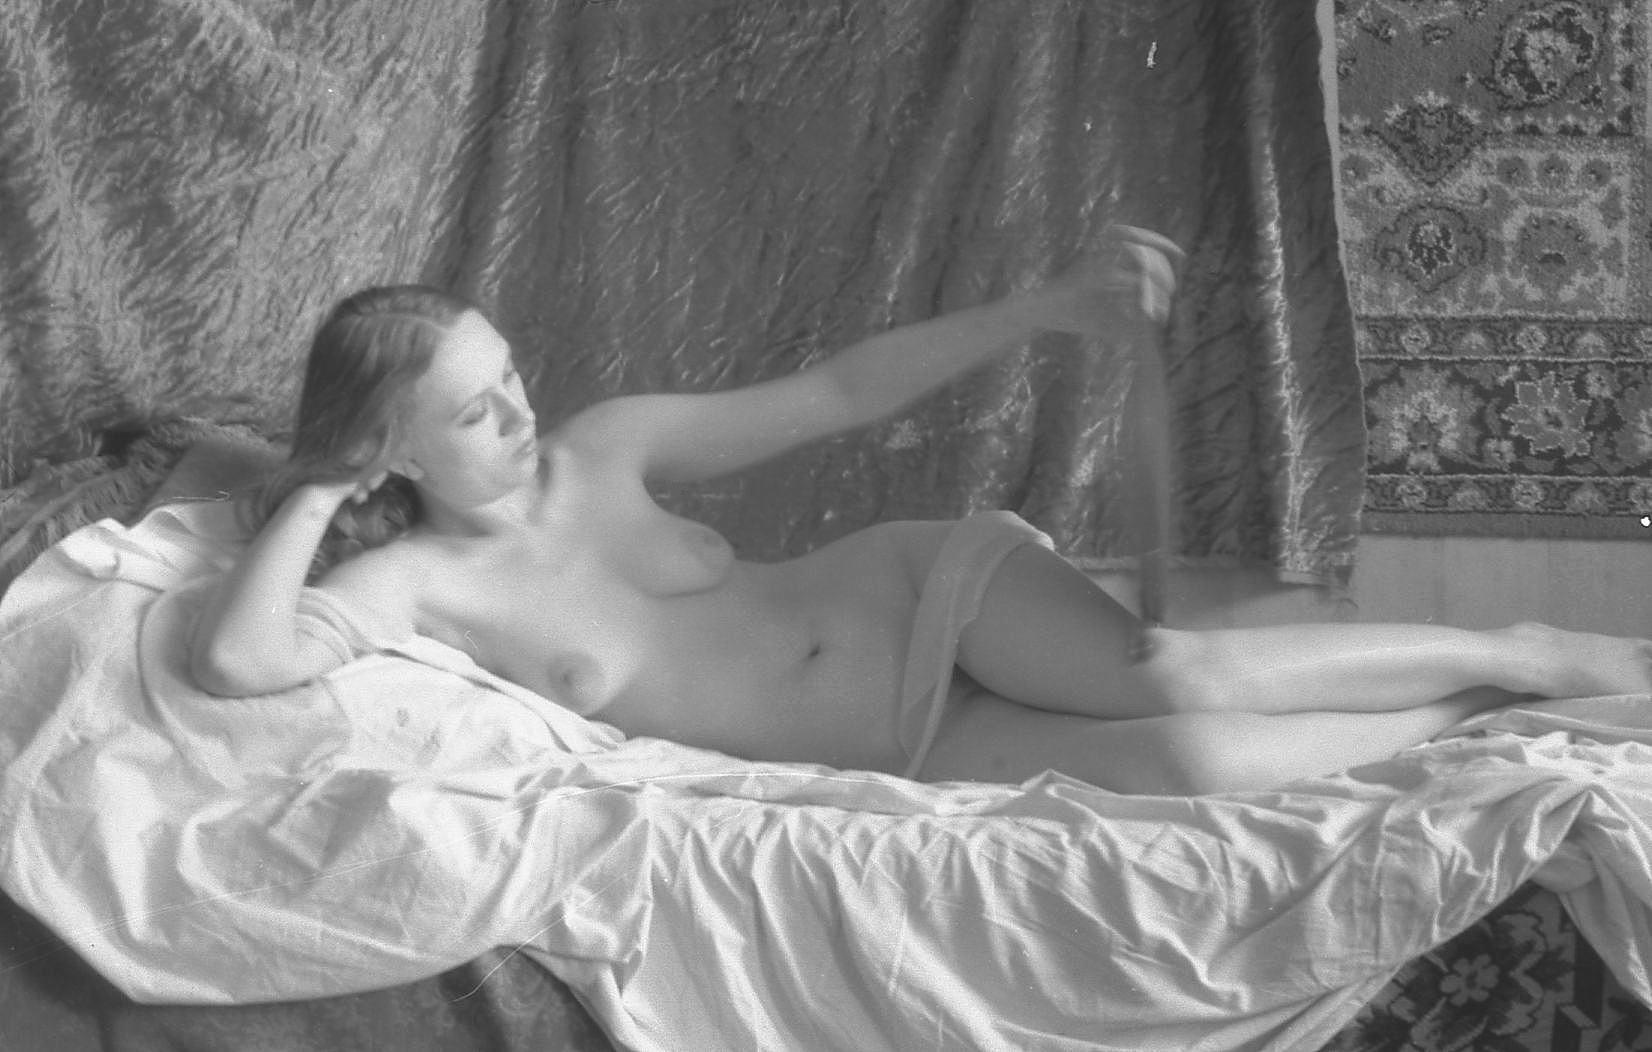 Эротическое фото натурщицы, девушка чулки подтяжки блузка эротика